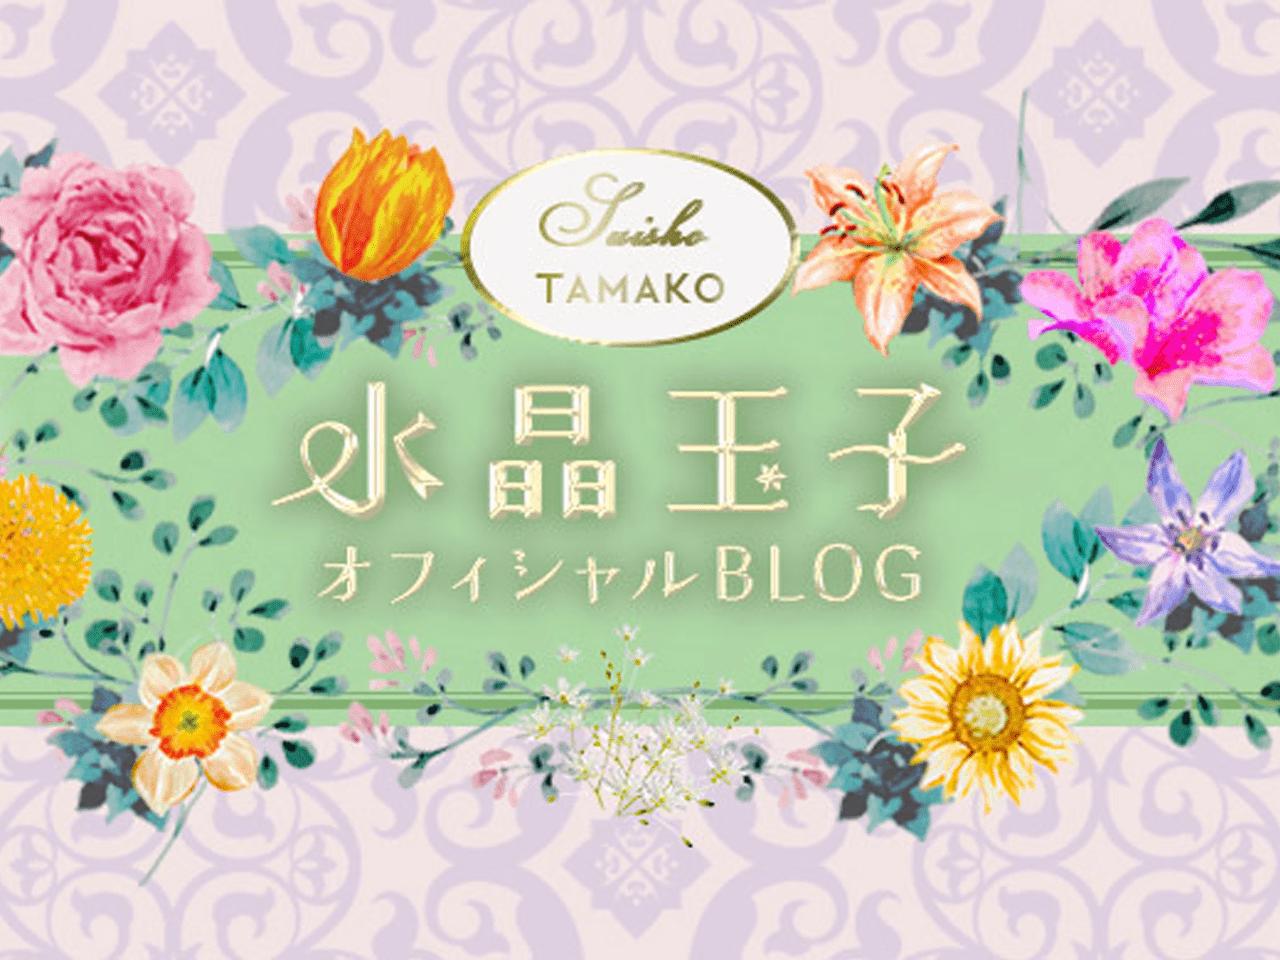 水晶玉子オフィシャルブログ